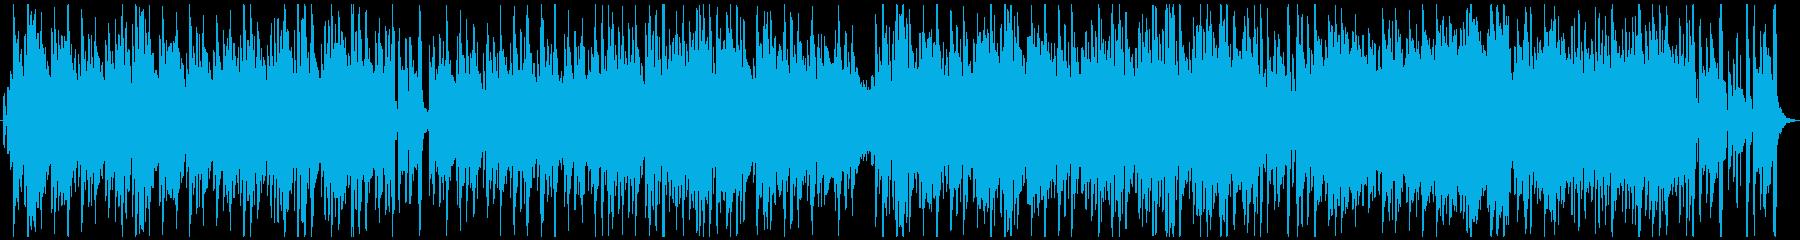 涼しげで可愛いリコーダーのポップスの再生済みの波形